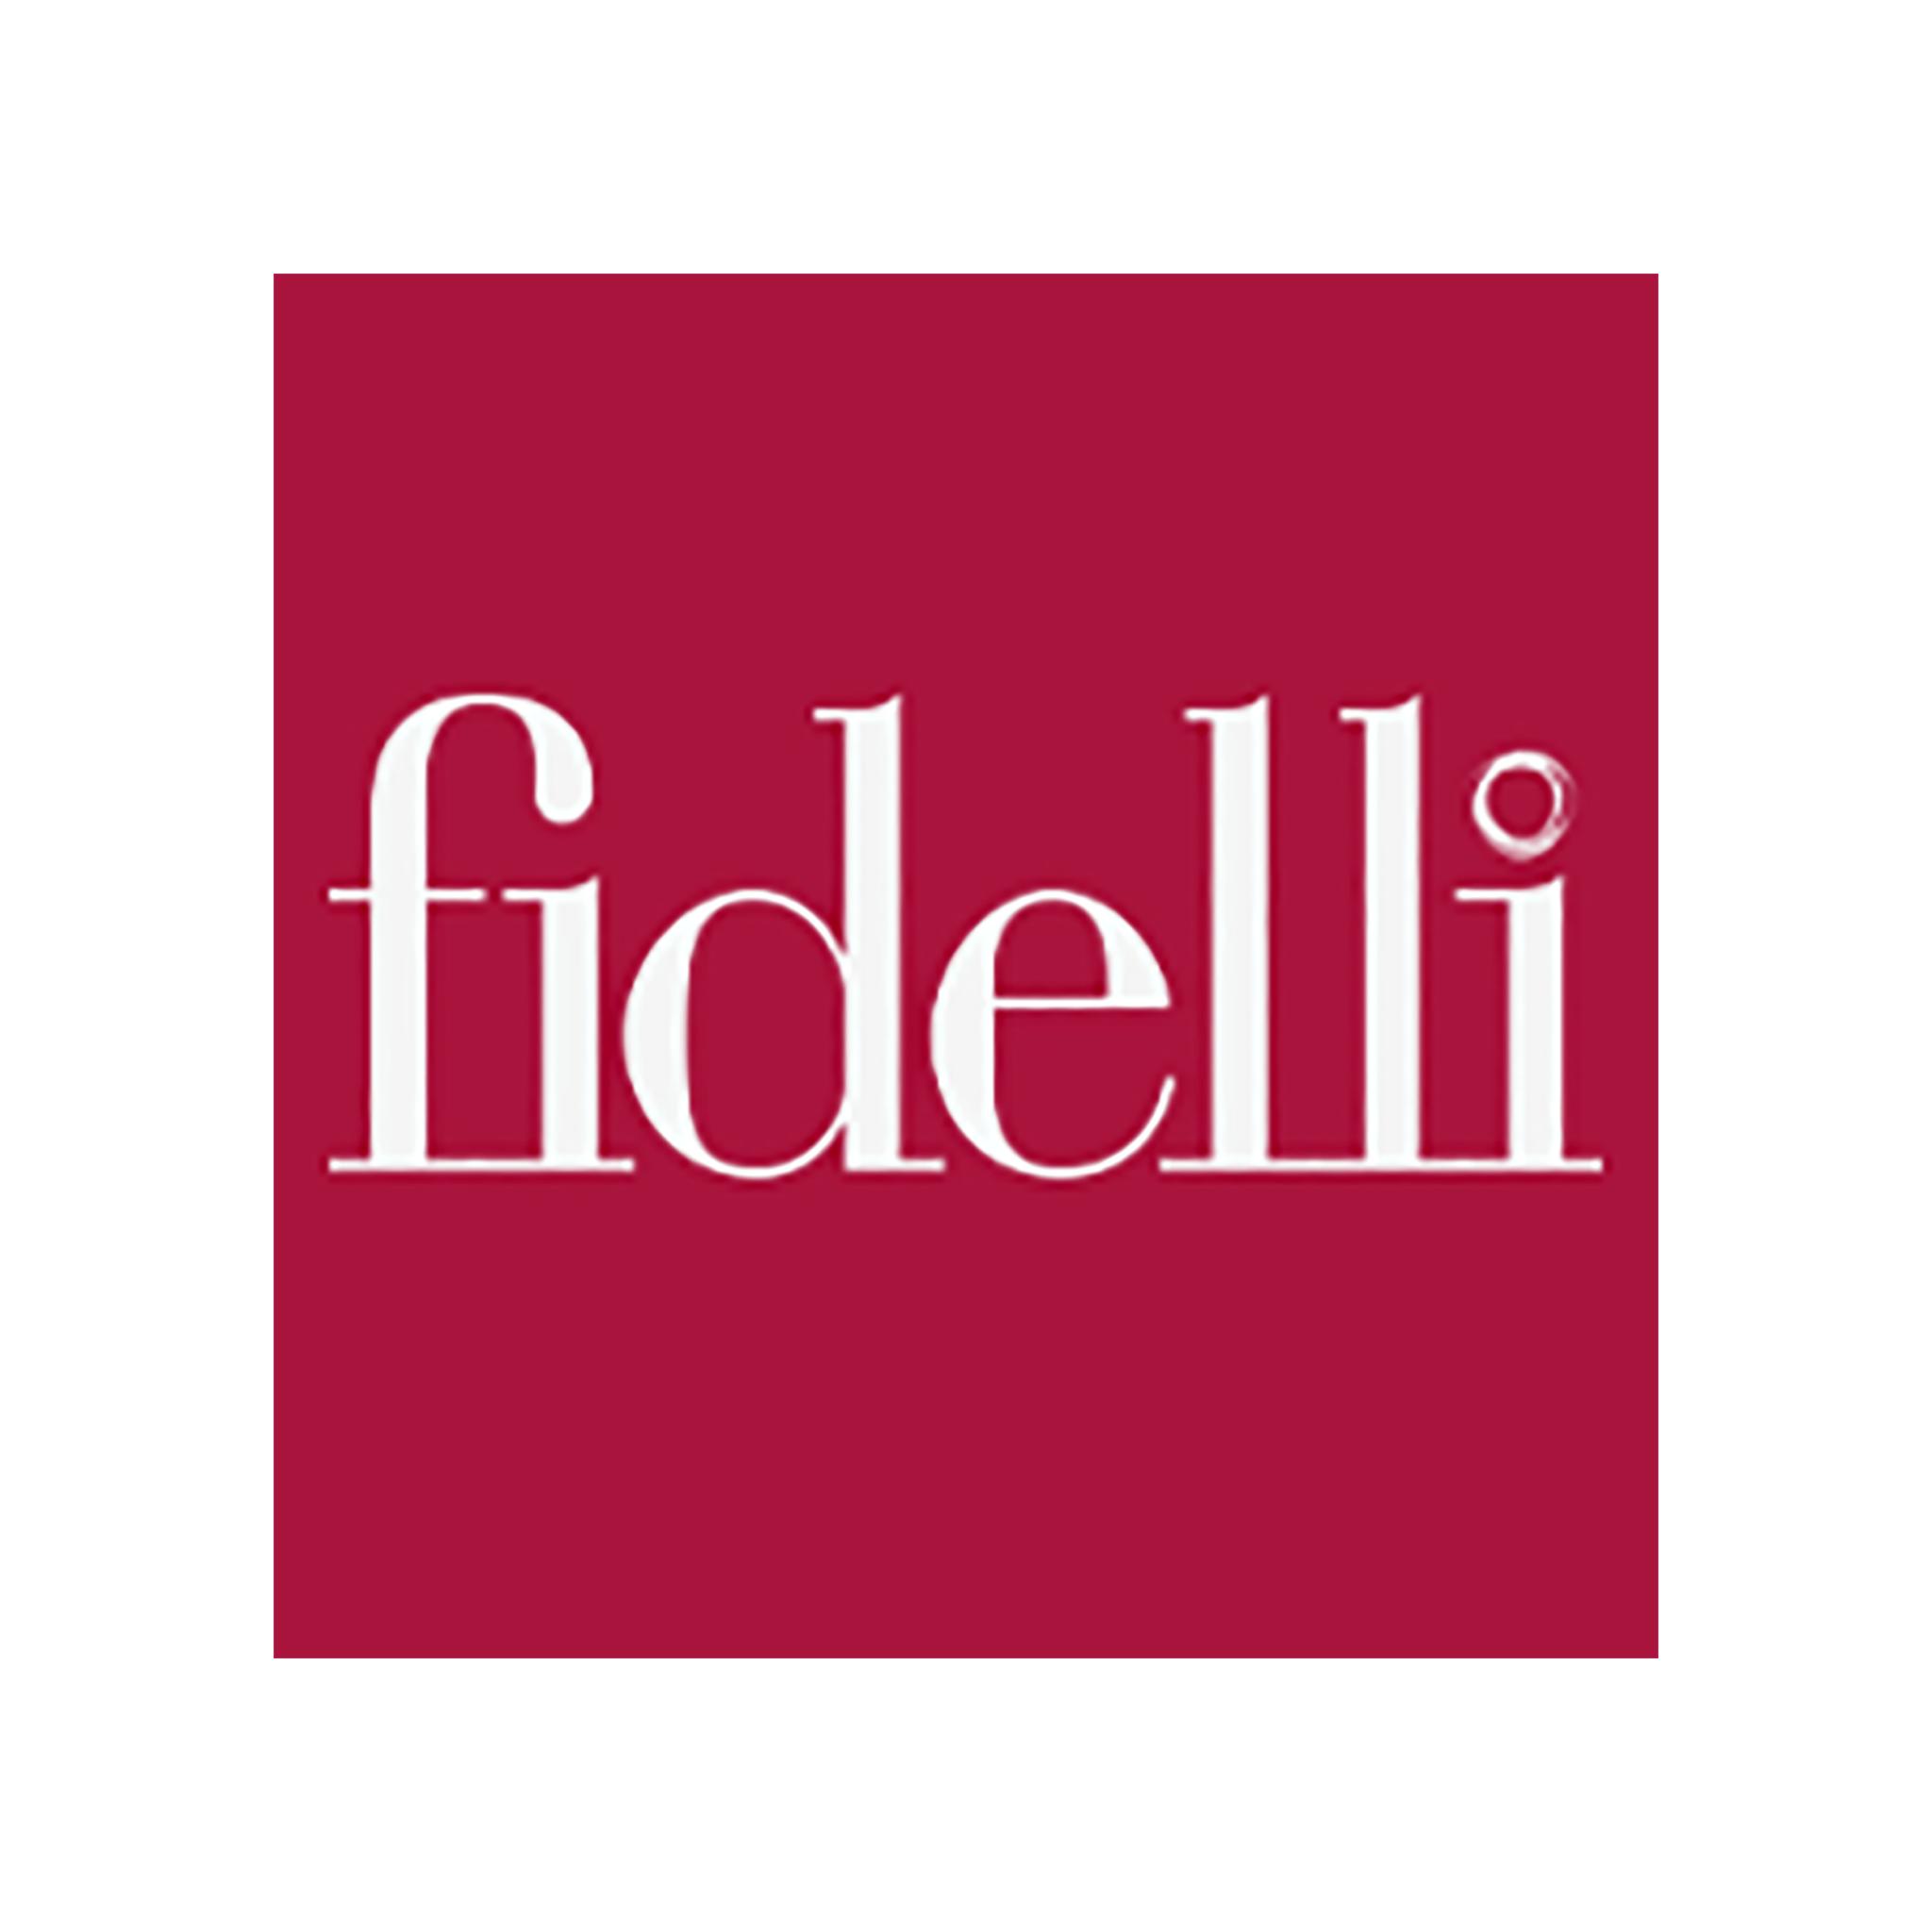 Fidelli